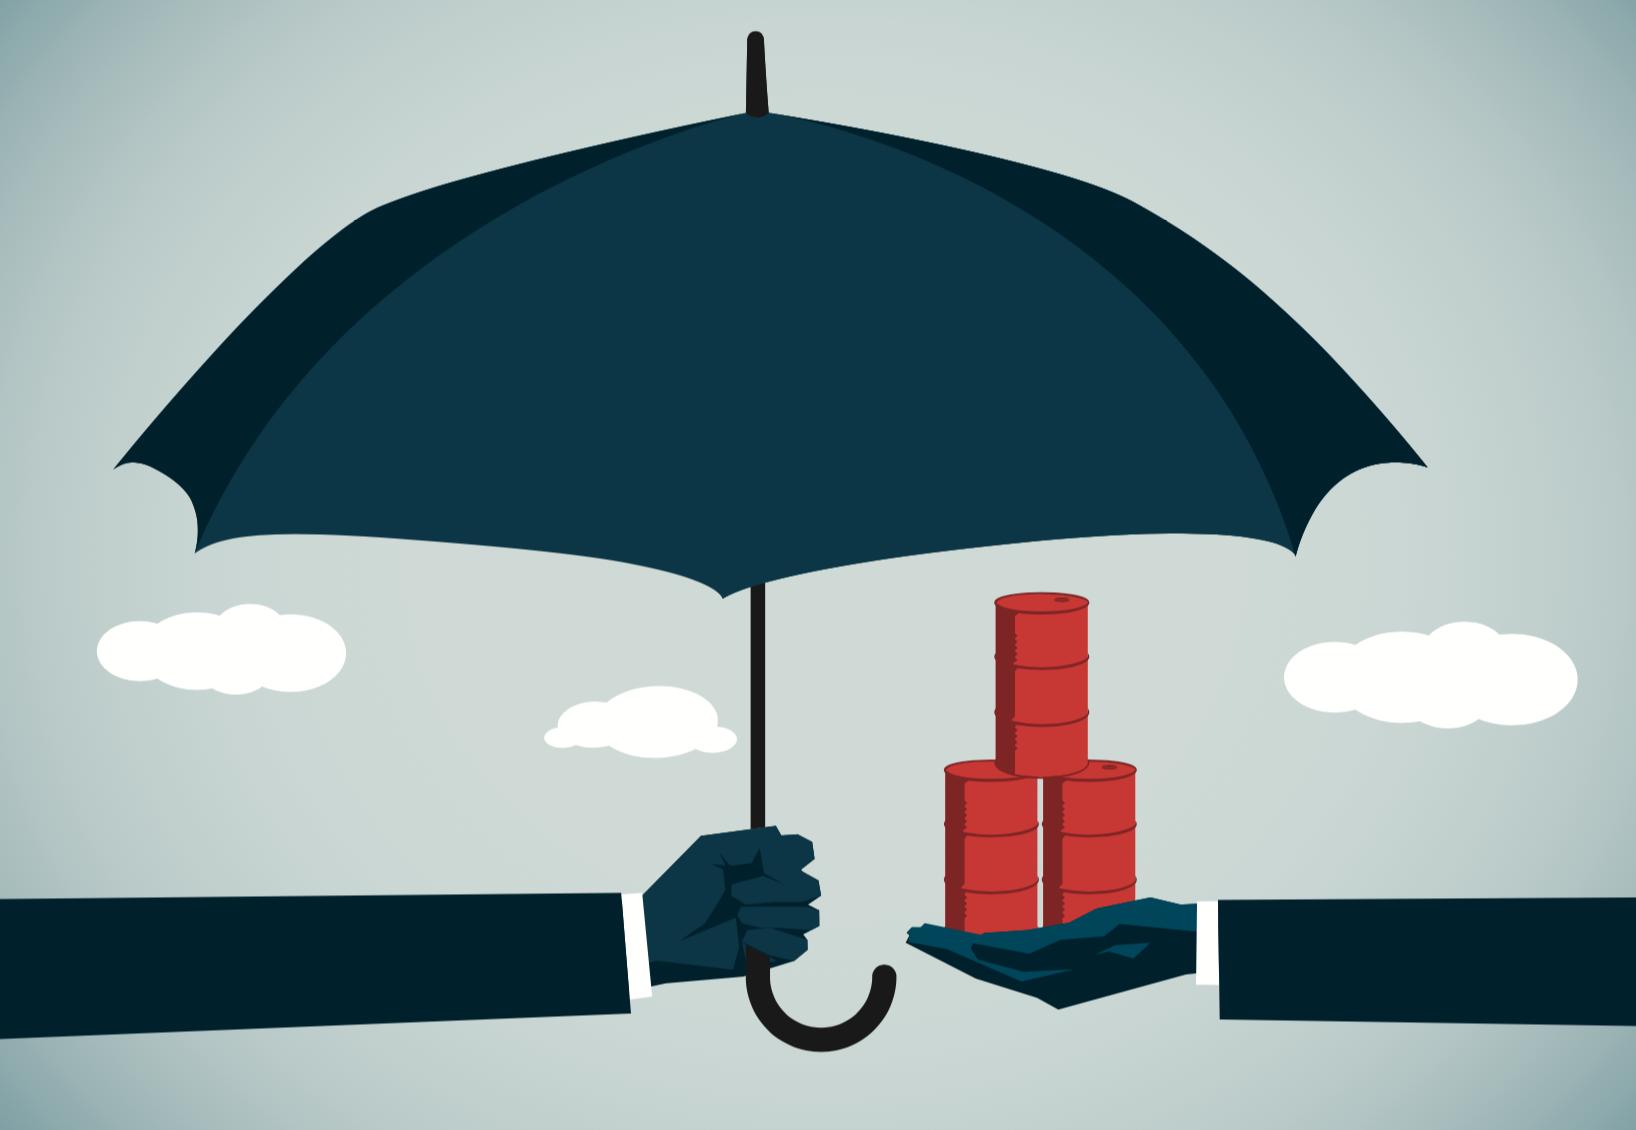 众安保险2018年保费收入近113亿,亏损近18亿元 | 钛快讯